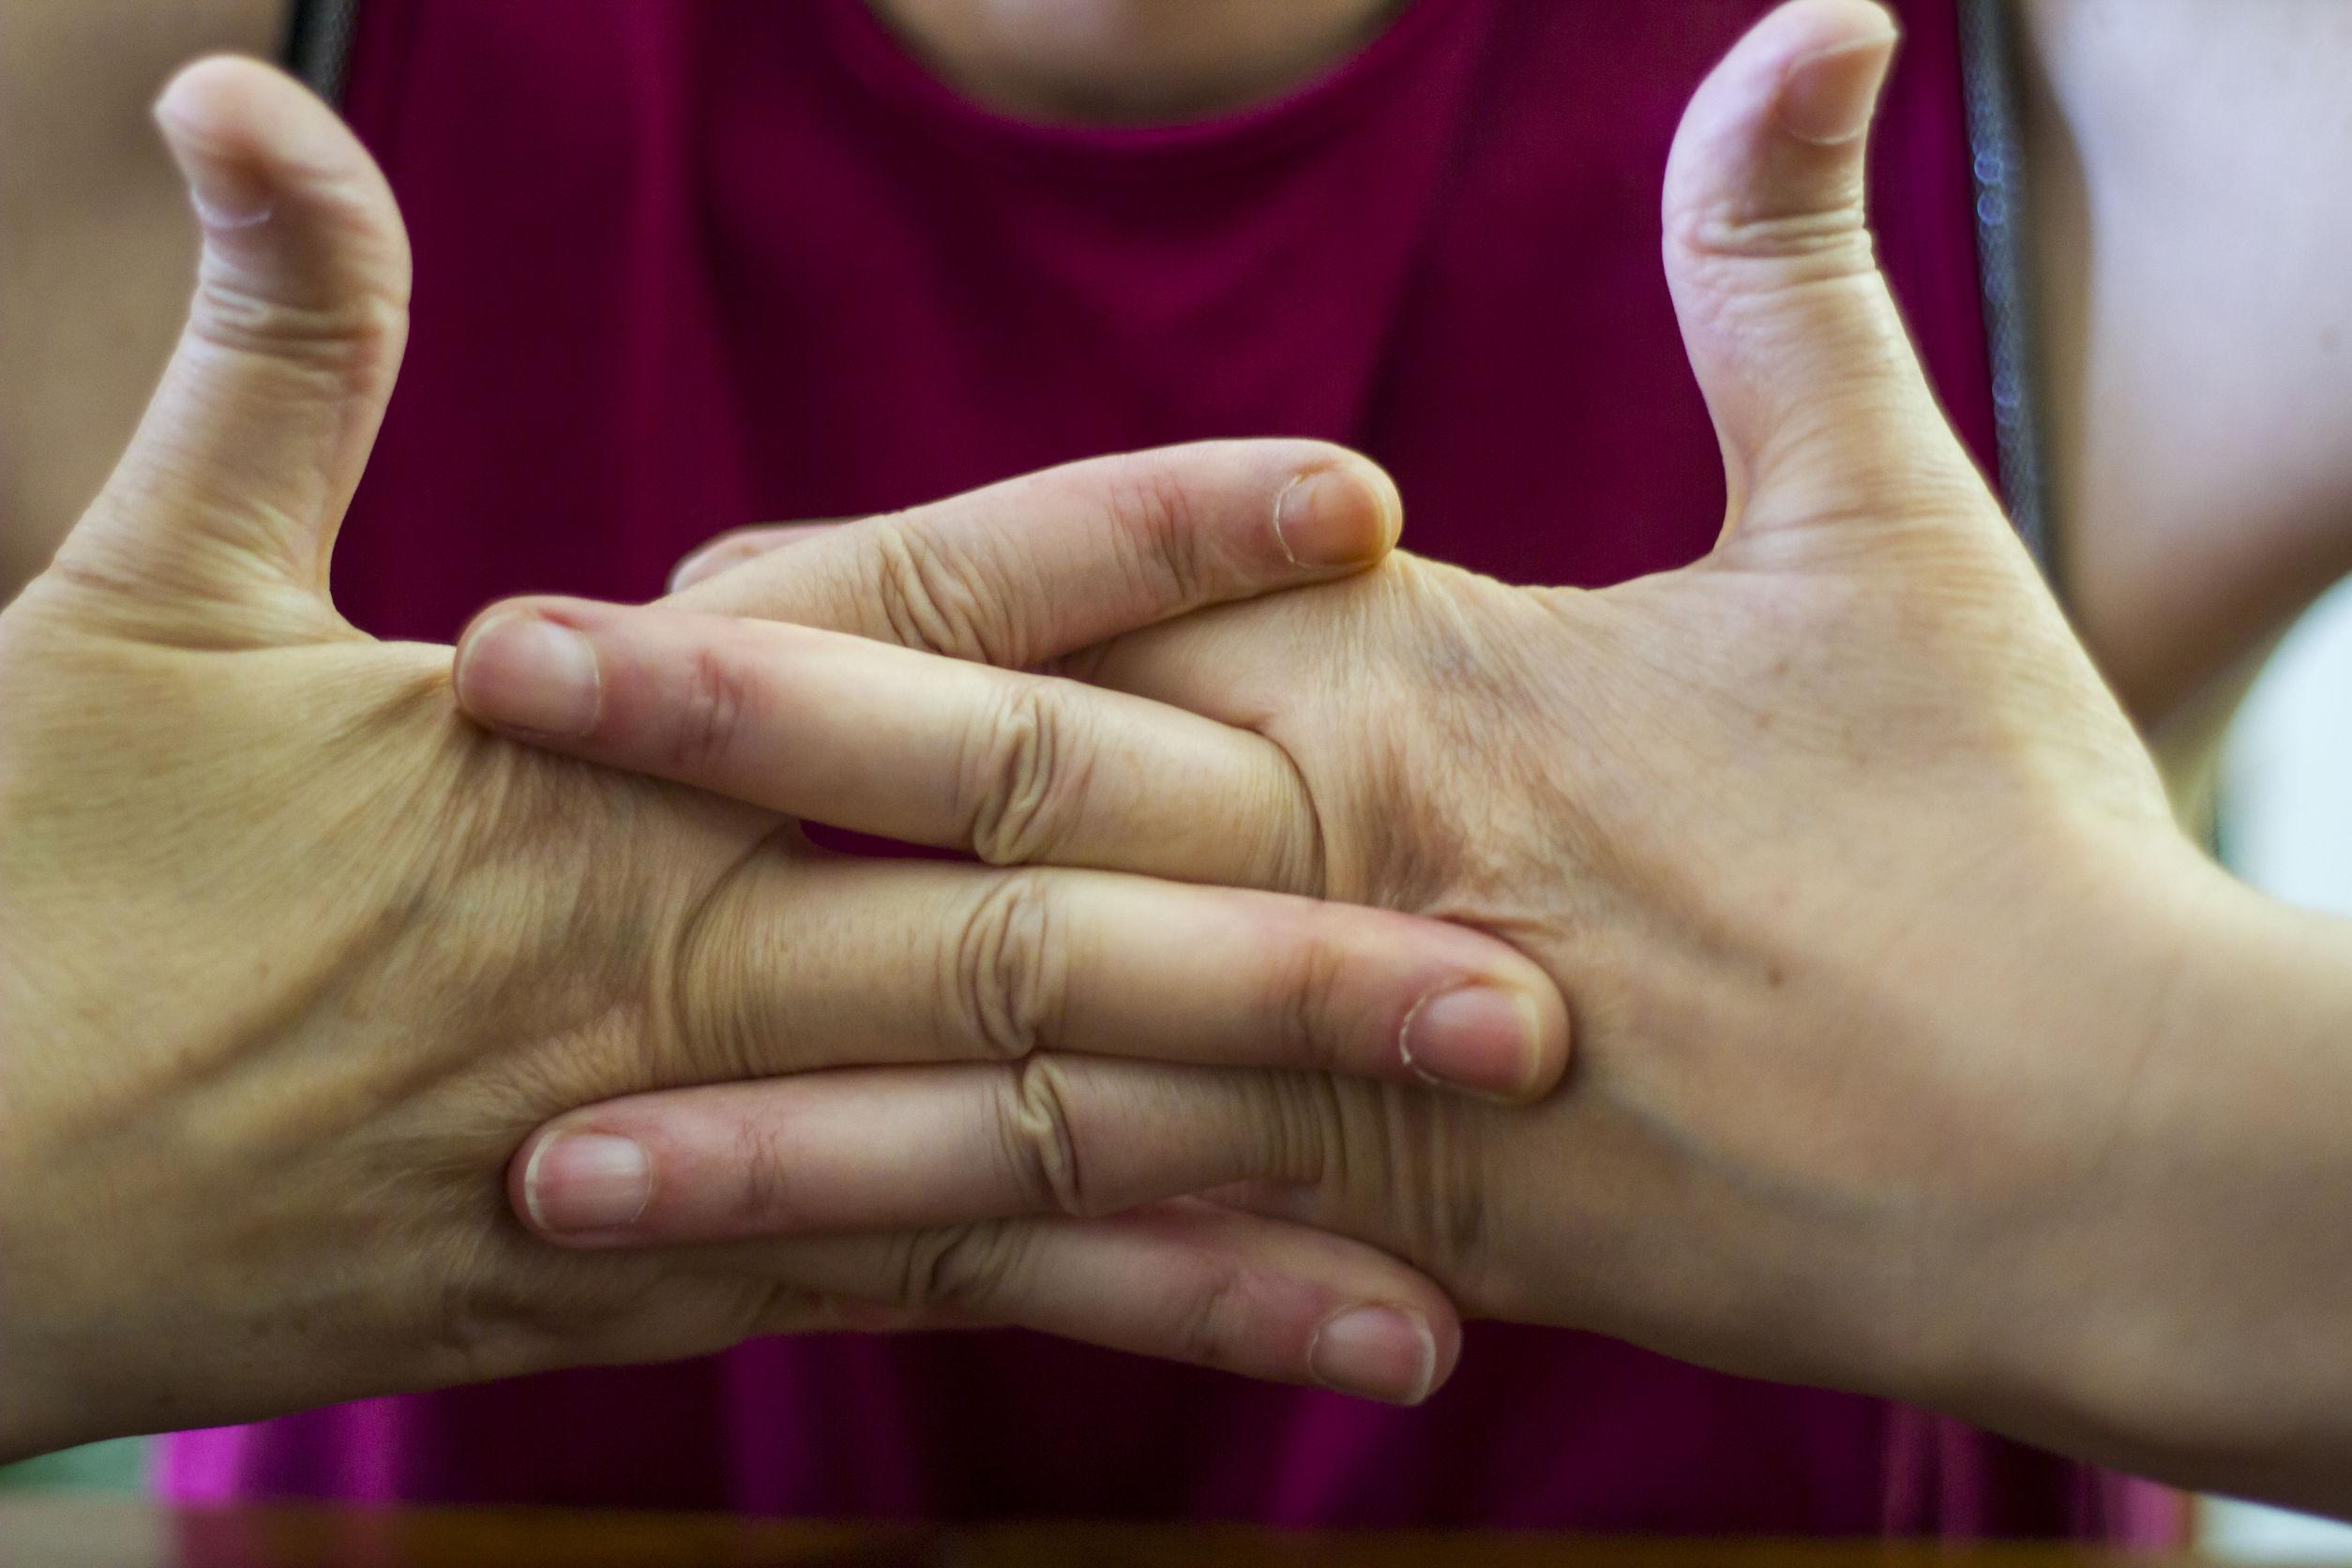 Strzelanie palcami